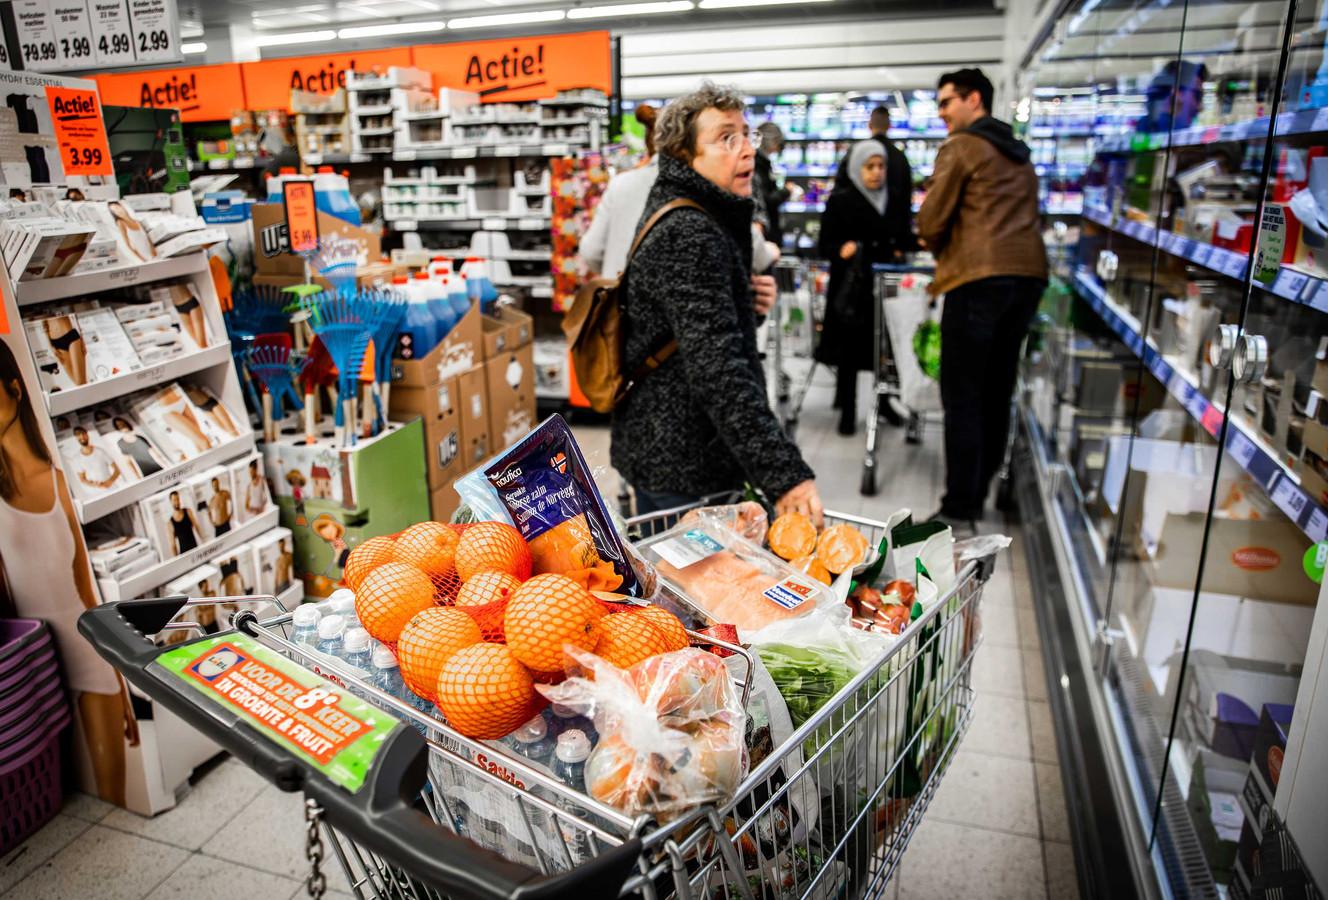 Klanten doen boodschappen bij de Lidl-supermarkt in Dordrecht. De winsten van supermarkten stegen tijdens de pandemie.